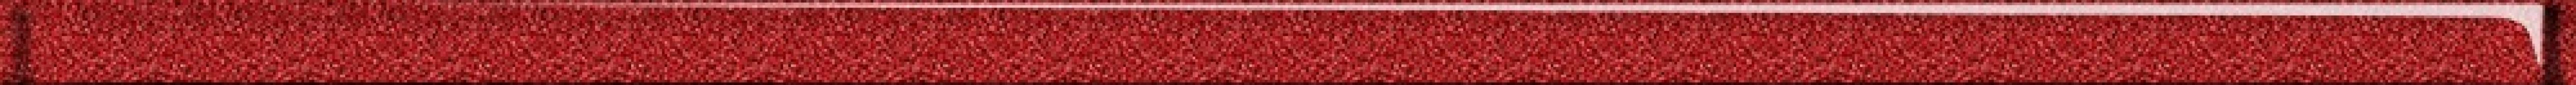 Бордюр CERSANIT Universal Glass красный 2*60 UG1L413